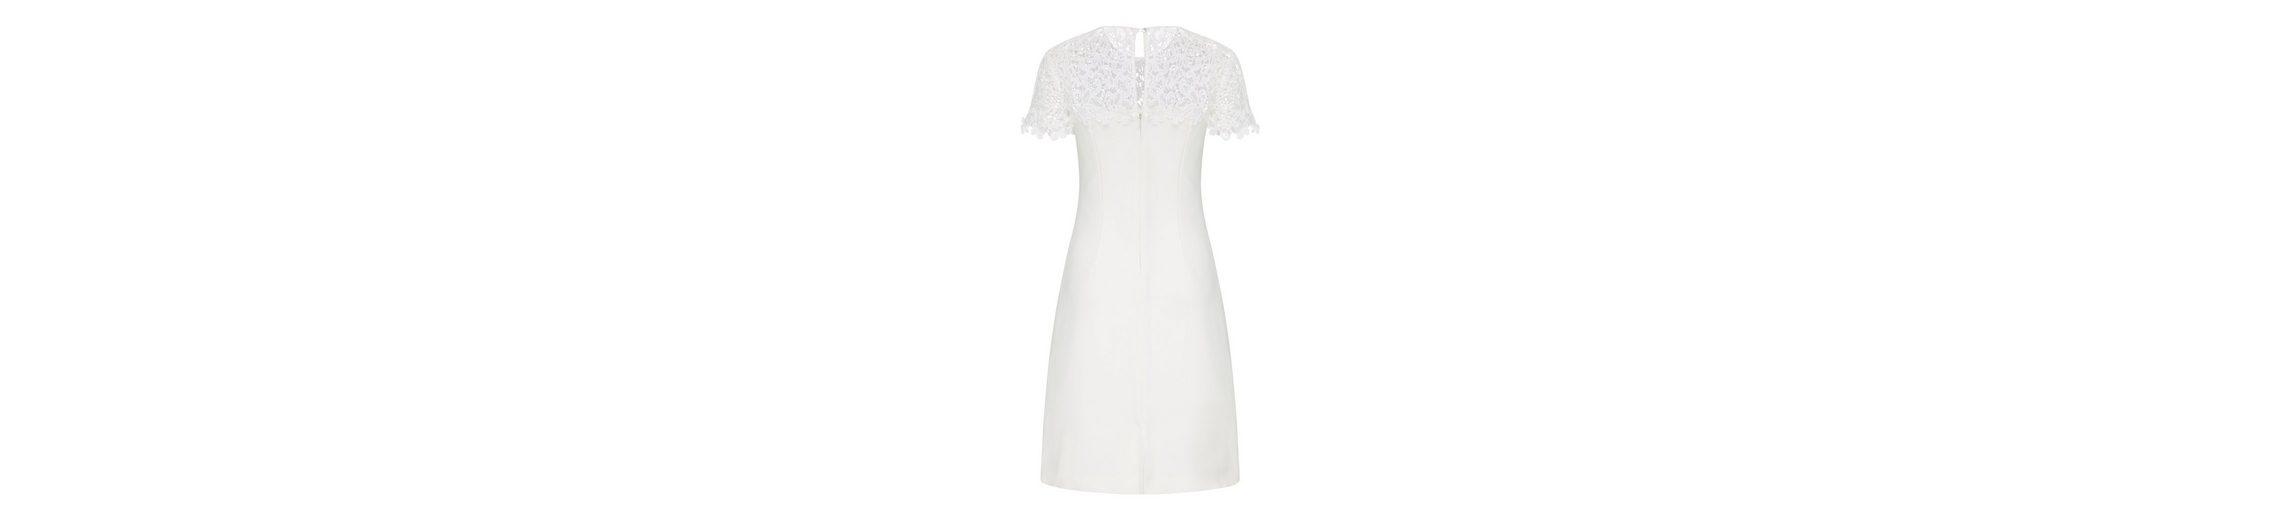 Neue Ankunft Günstiger Preis Apart Kleid Die Offizielle Website Zum Verkauf Kostenloser Versand Zu Kaufen p0DRwb